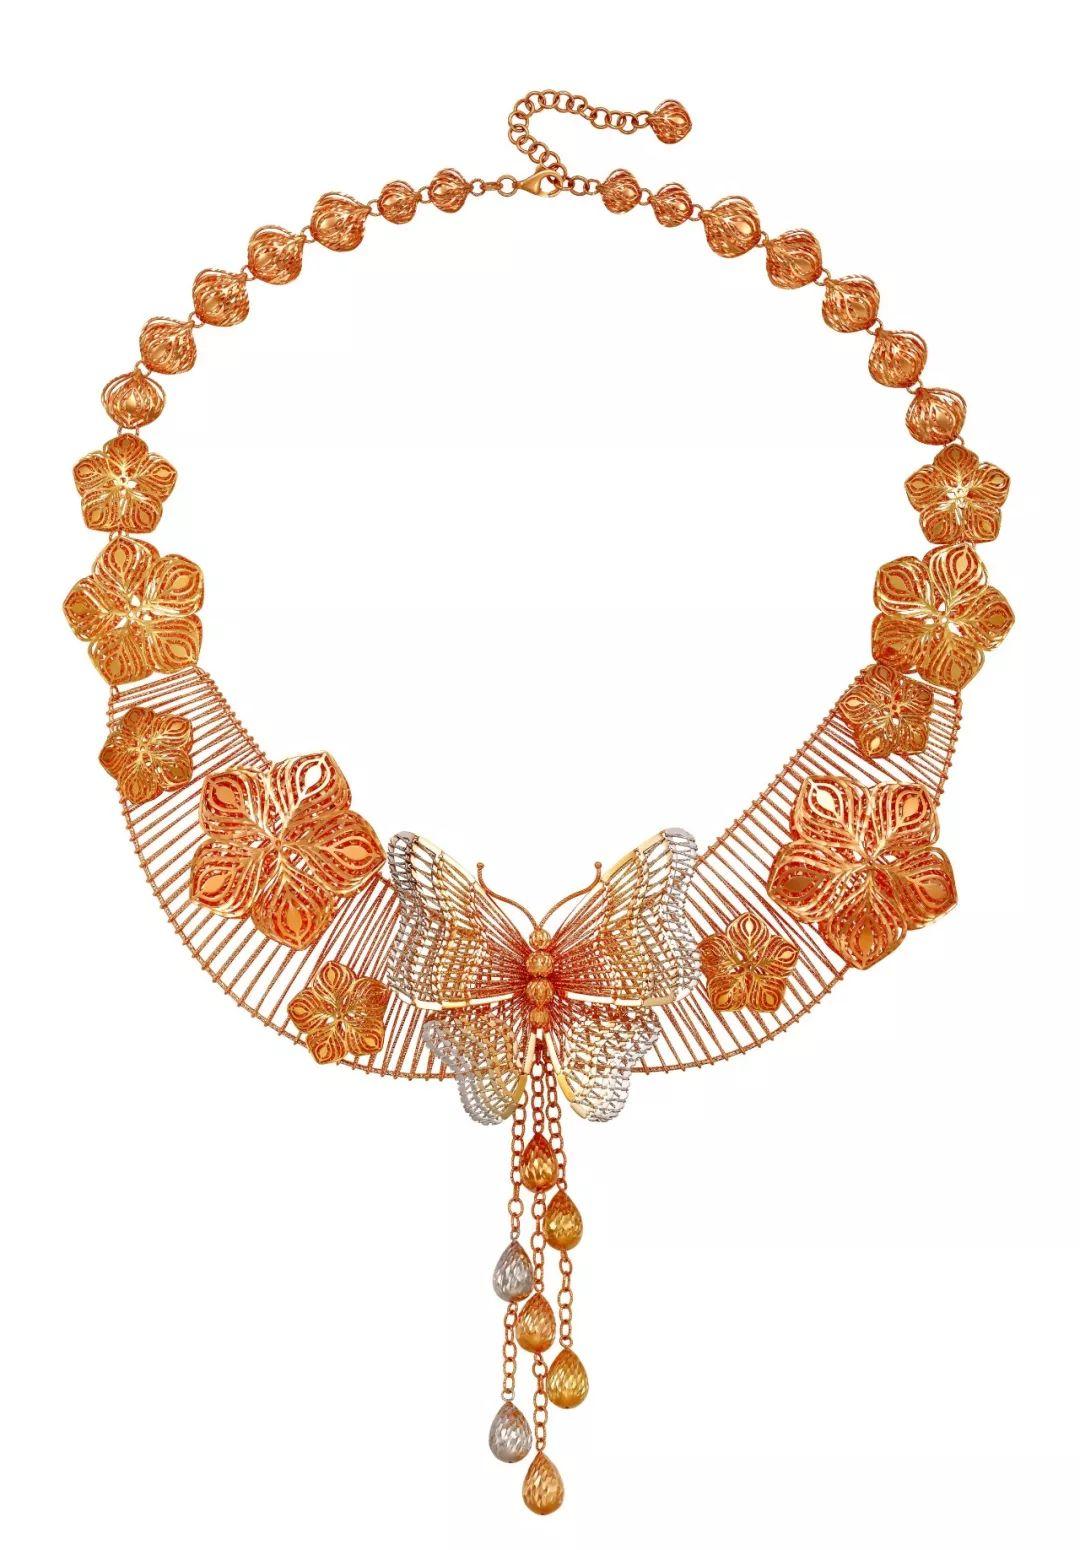 东方之华,珠光璀璨丨甘露珠宝隆重亮相大湾区珠宝时尚设计展